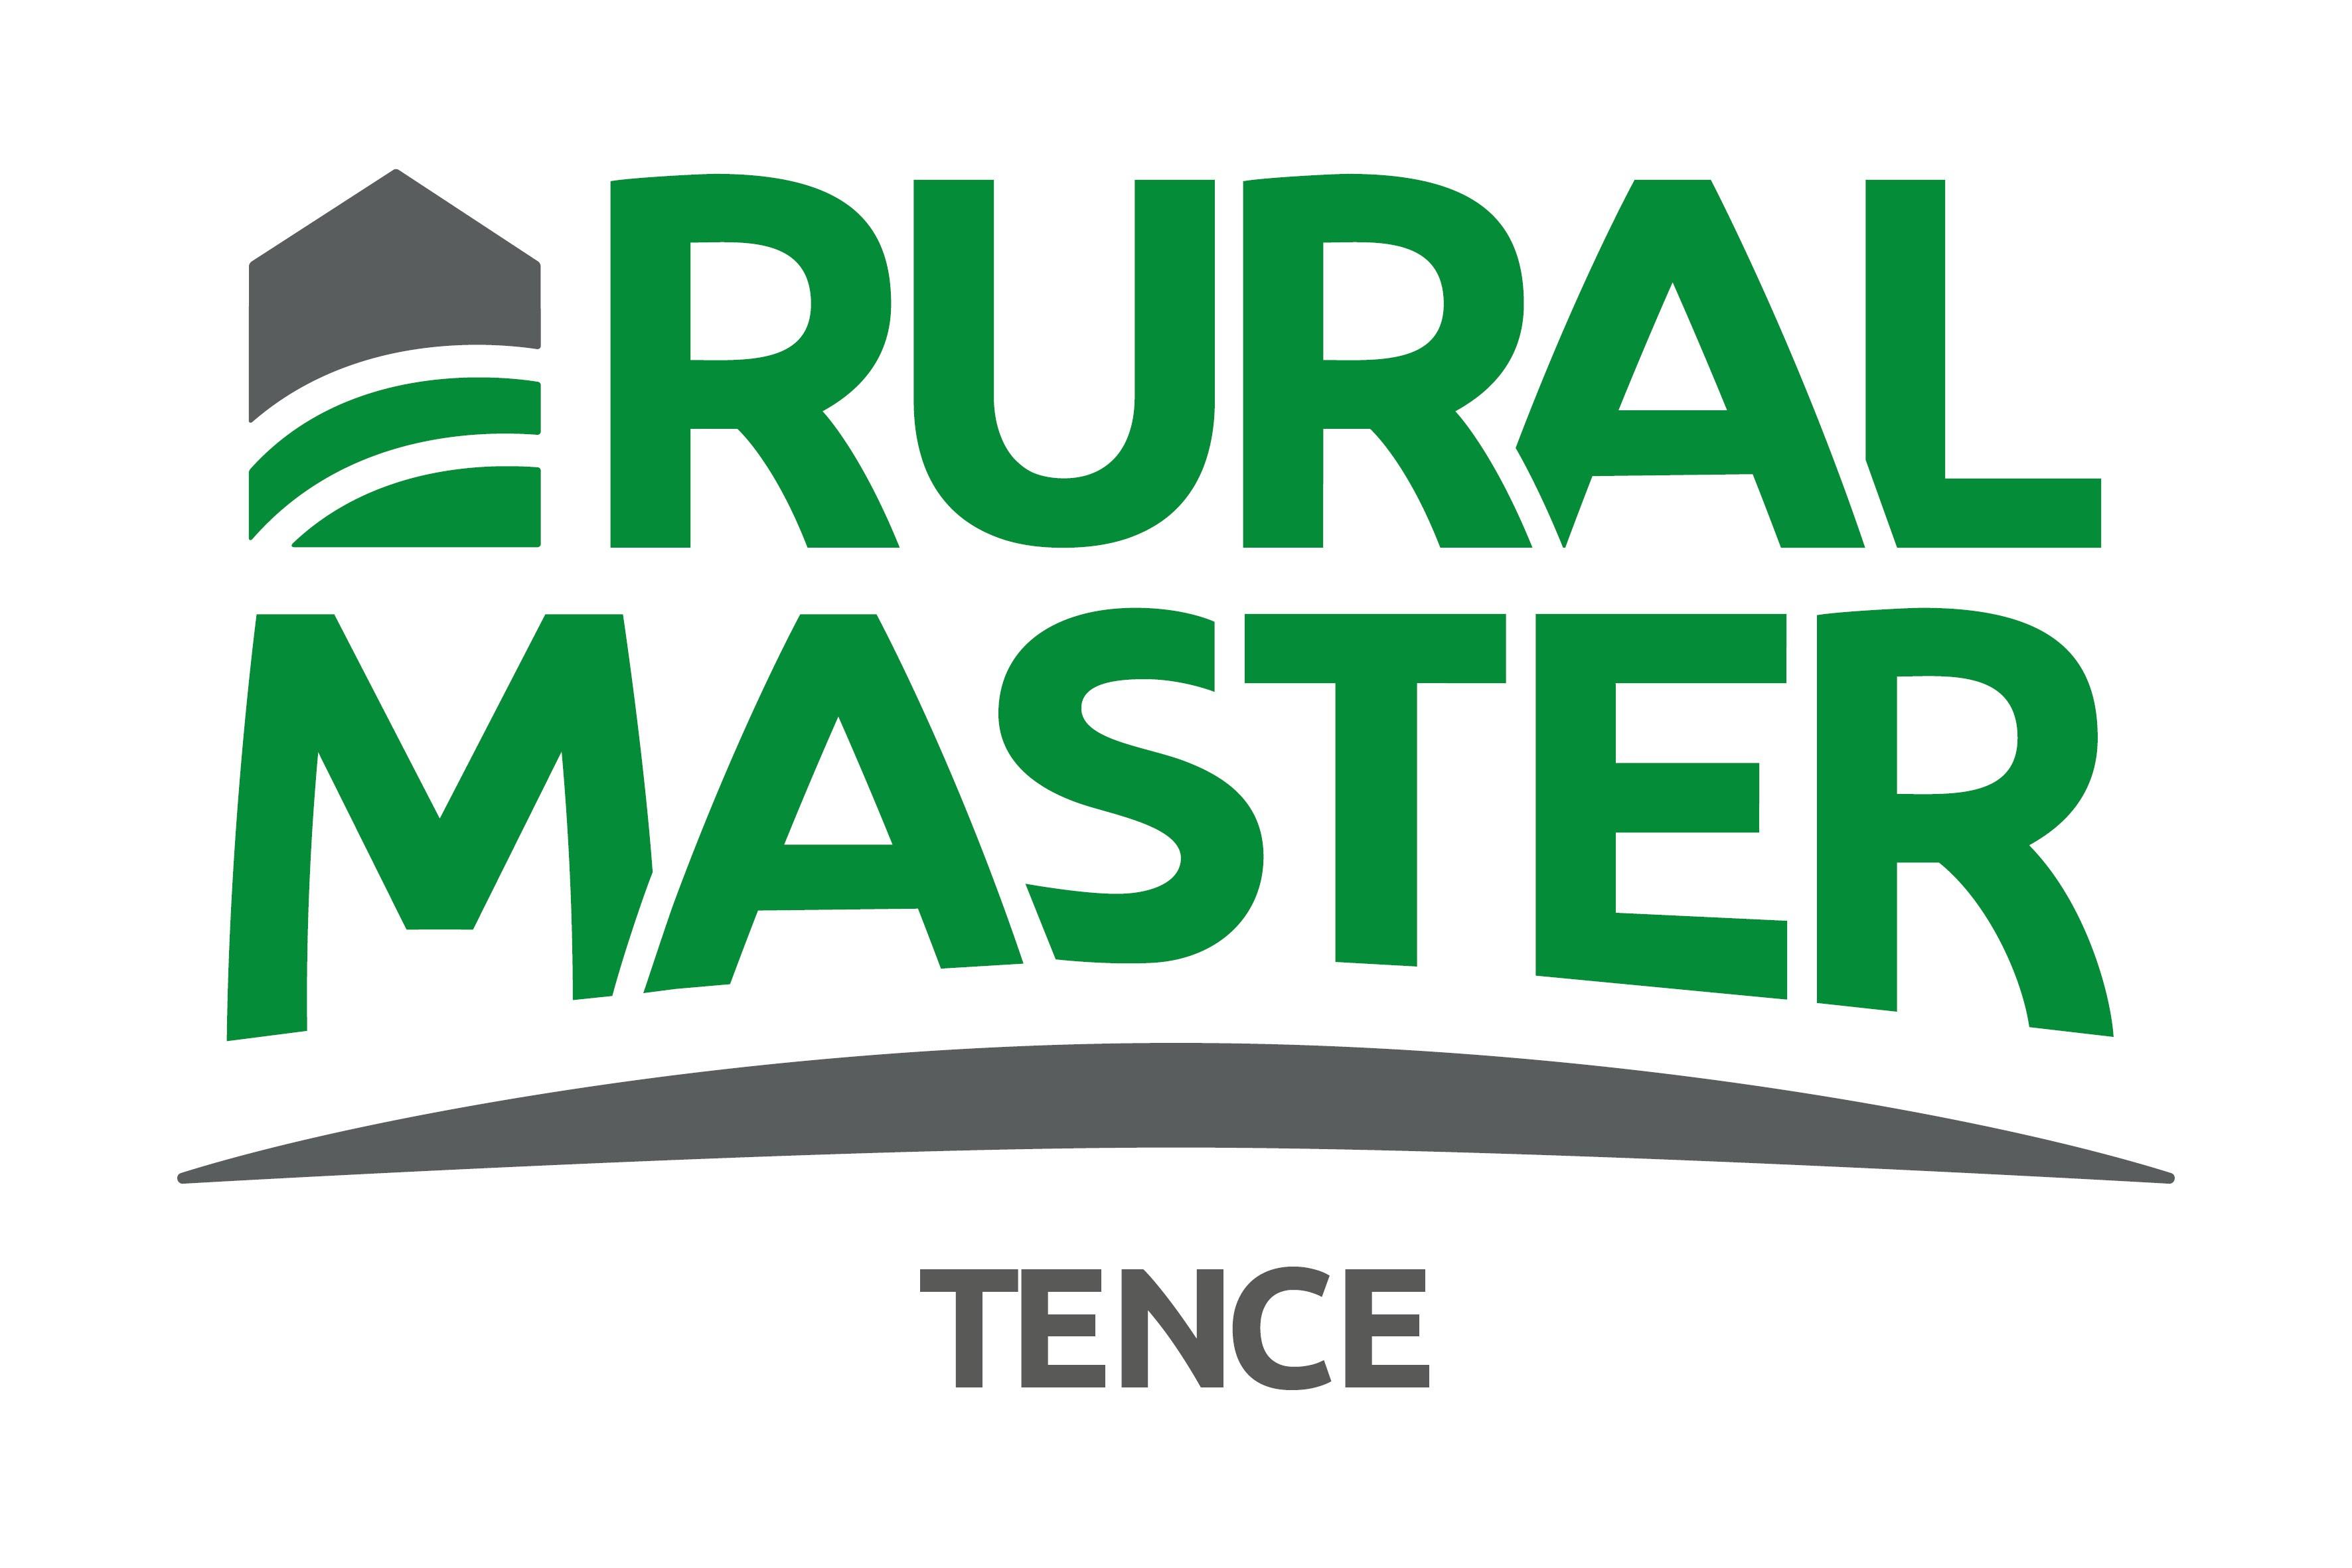 Rural Master TENCE - RGM SAS